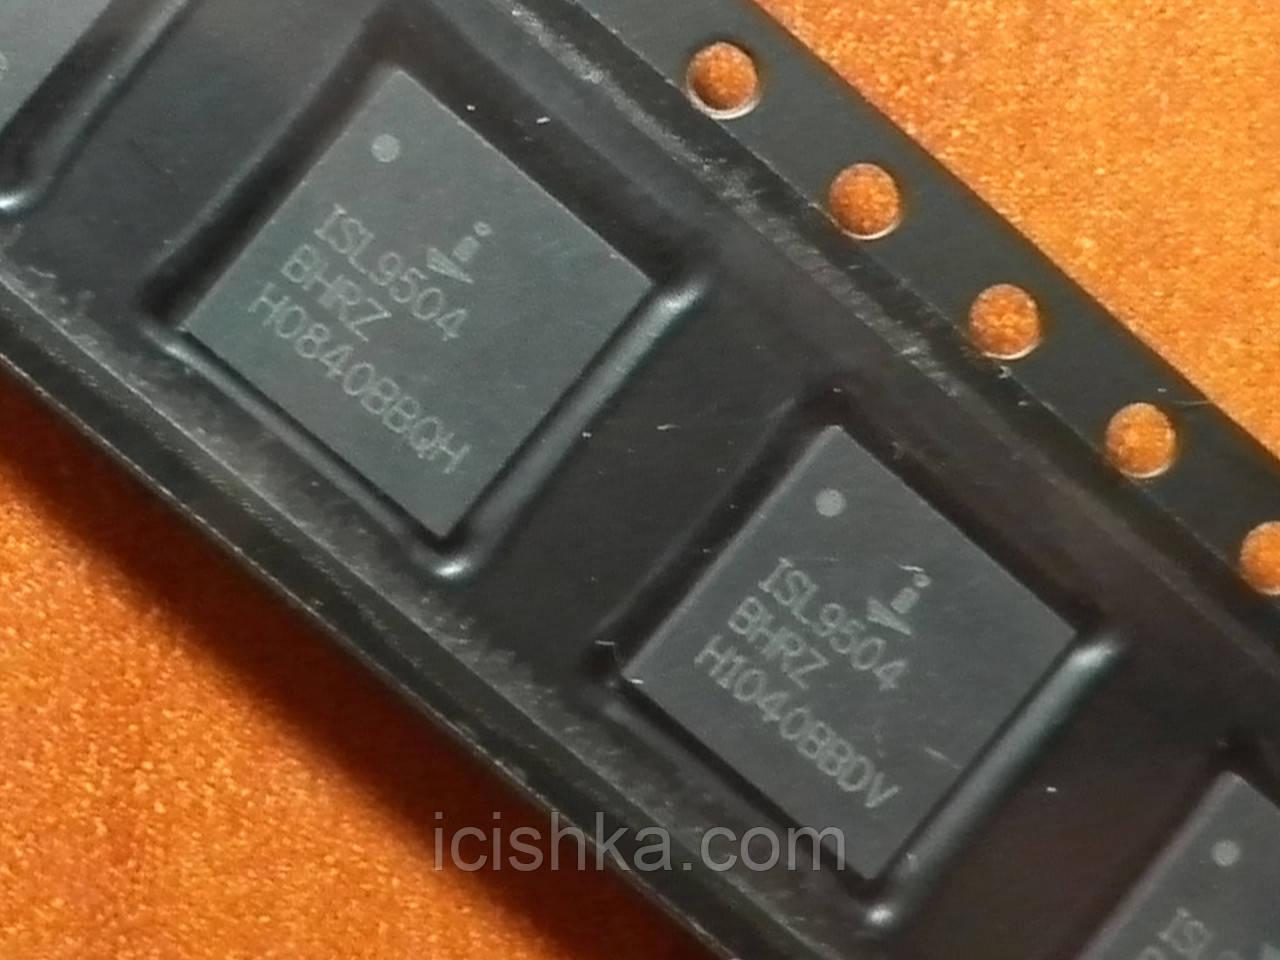 ISL9504B / ISL9504BHRZ - 2-канальный ШИМ контроллер Macbook